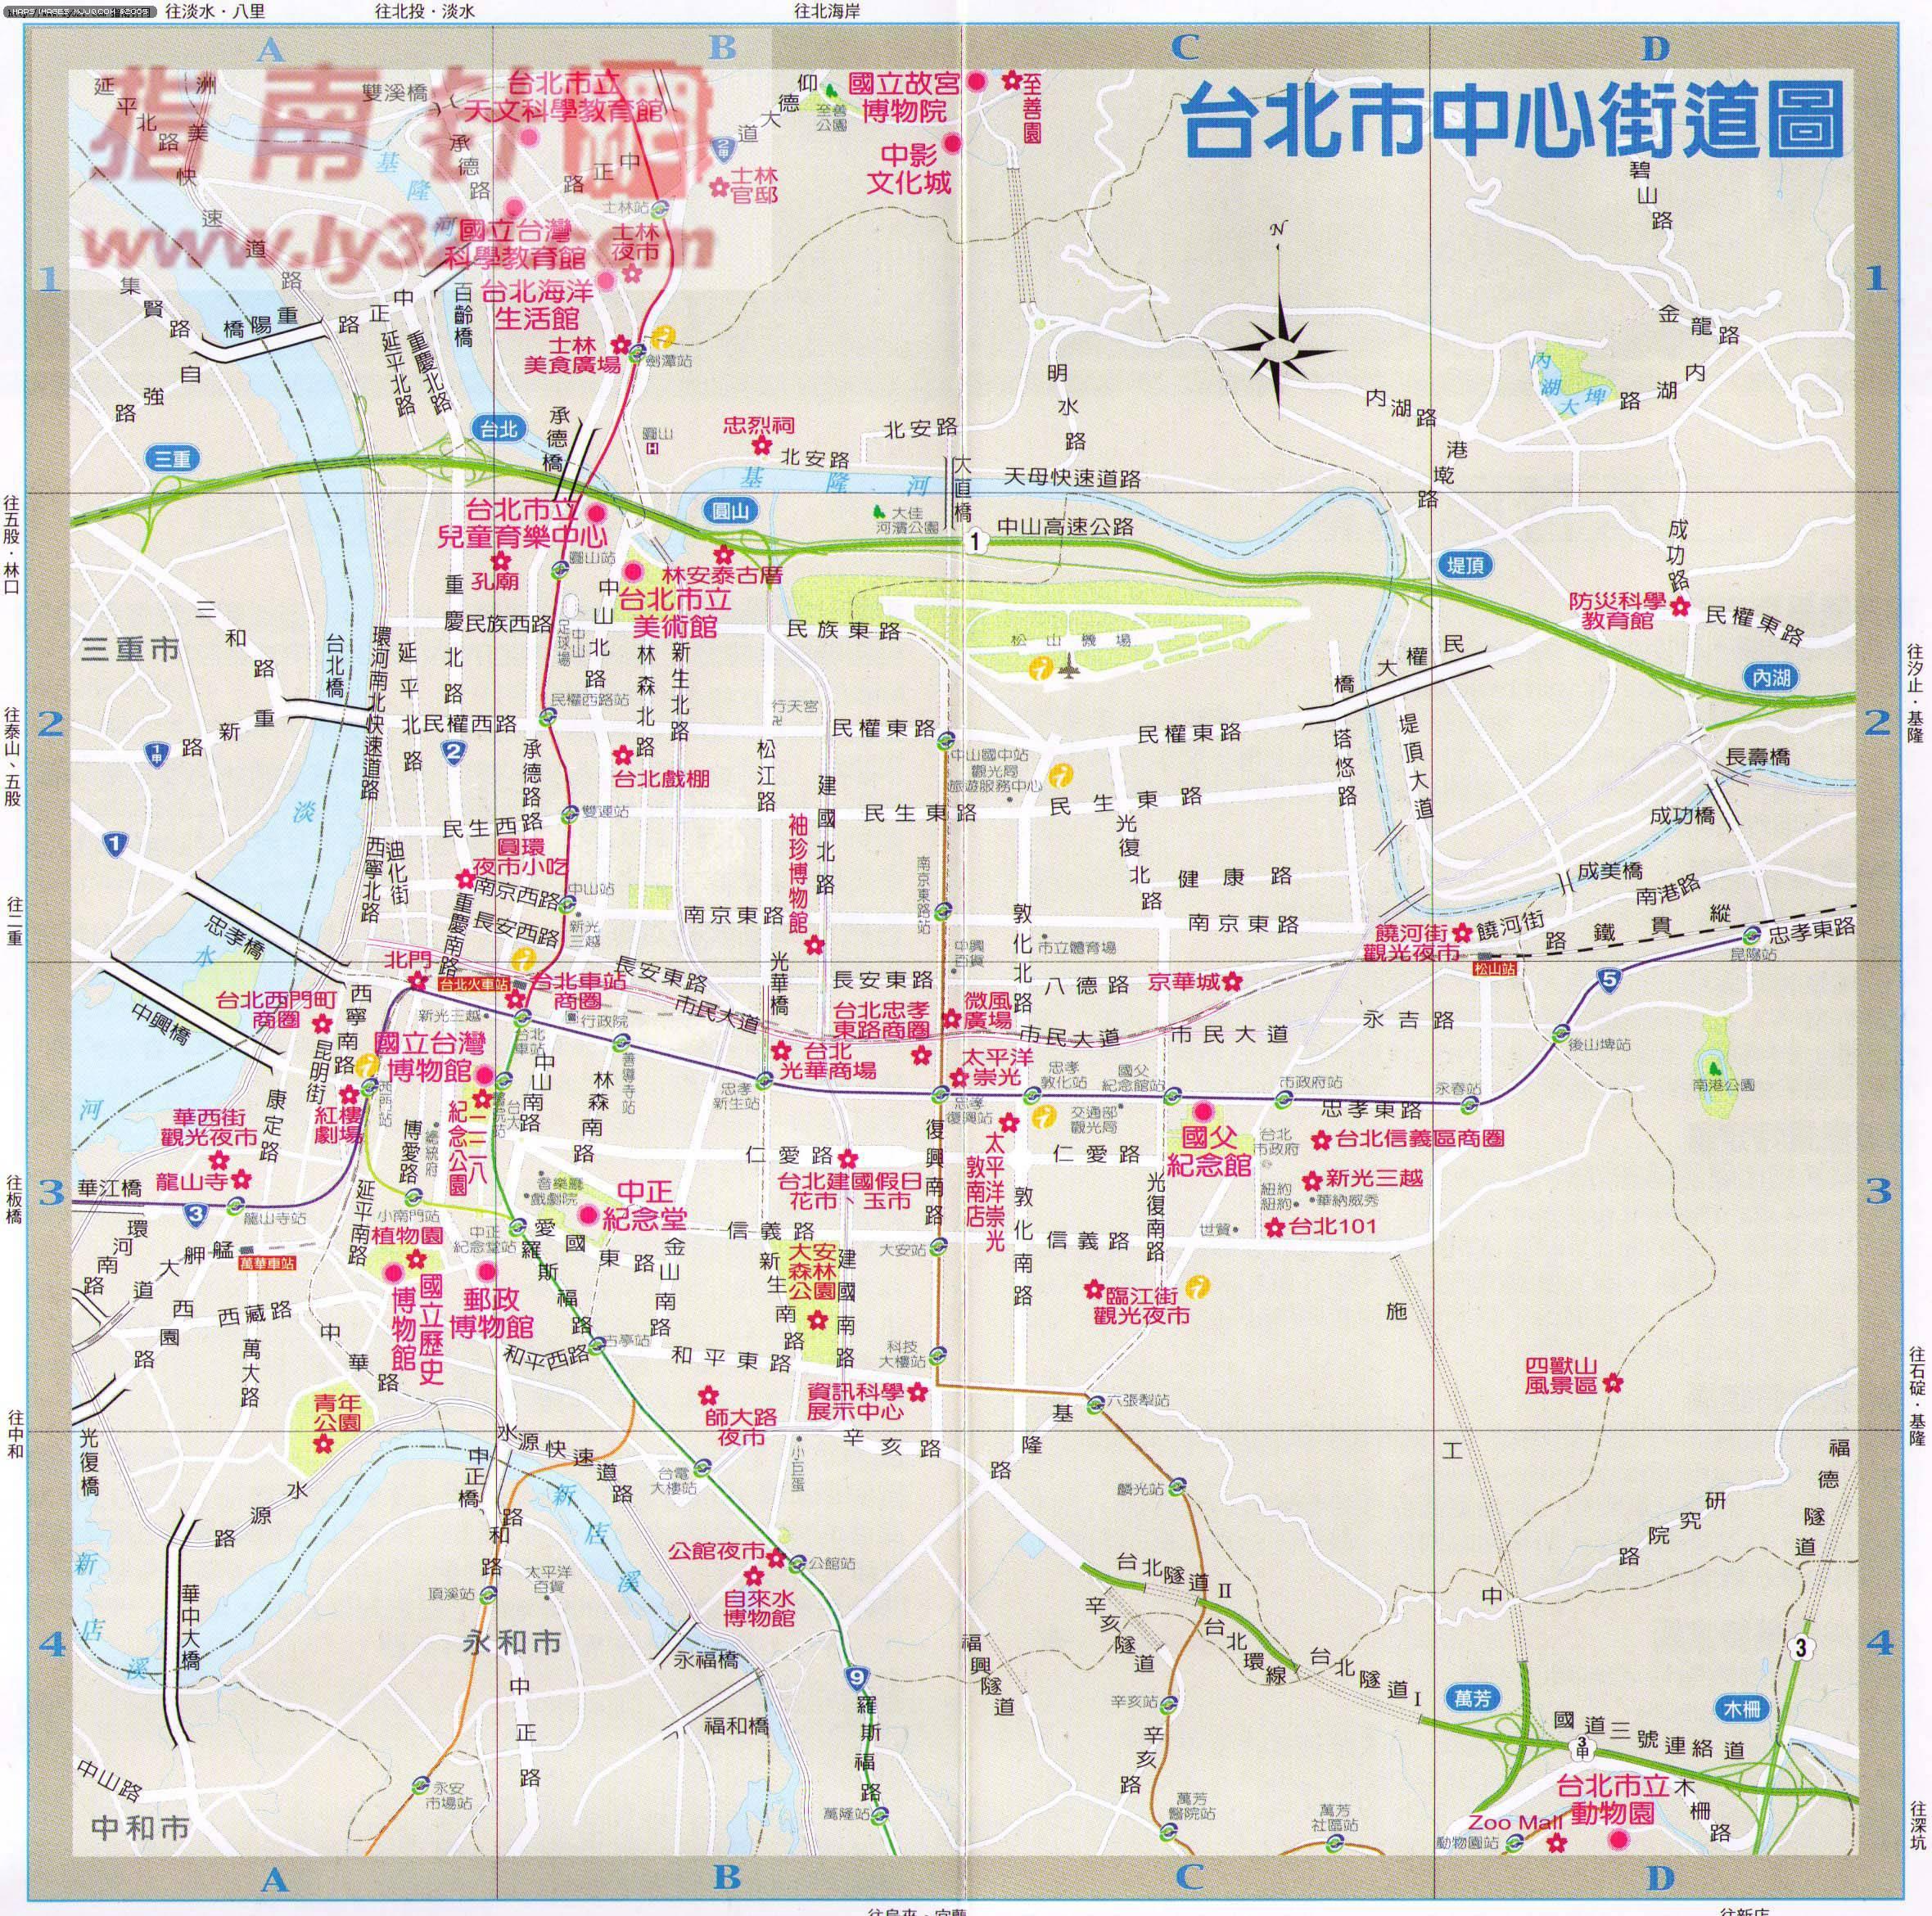 臺北市中心街道地圖 - 臺灣地圖 Taiwan Maps - 美景旅游網